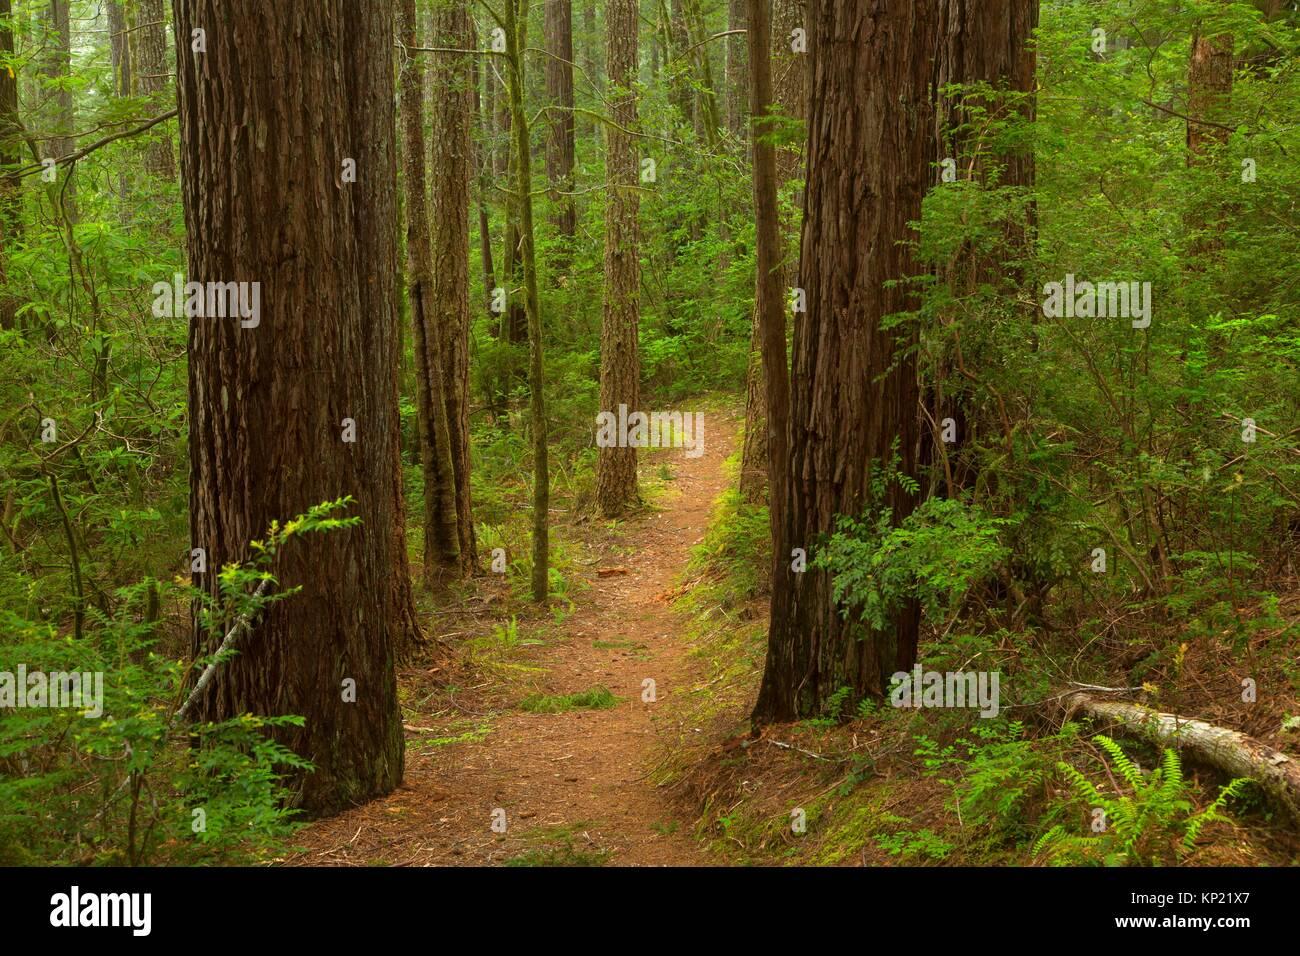 Oregon Redwoods Interpretive Trail, Siskiyou National Forest, Oregon. - Stock Image